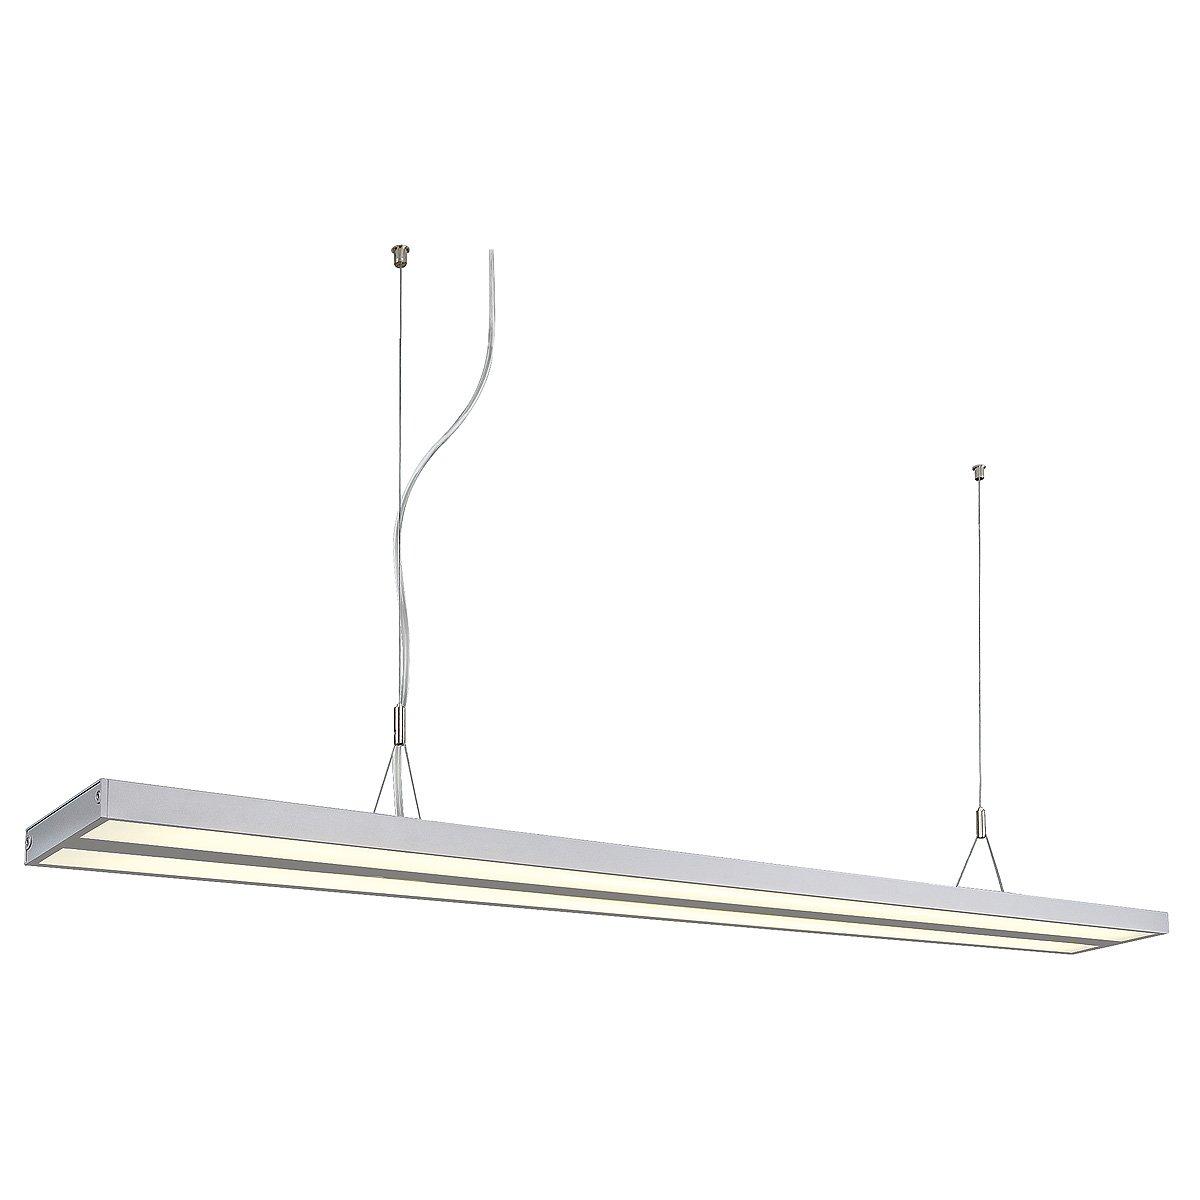 SLV KUNO Leuchte Indoor-Lampe Aluminium Innen-Lampe Silber Lampe innen, Innen-Lampe Aluminium 6b1f1b